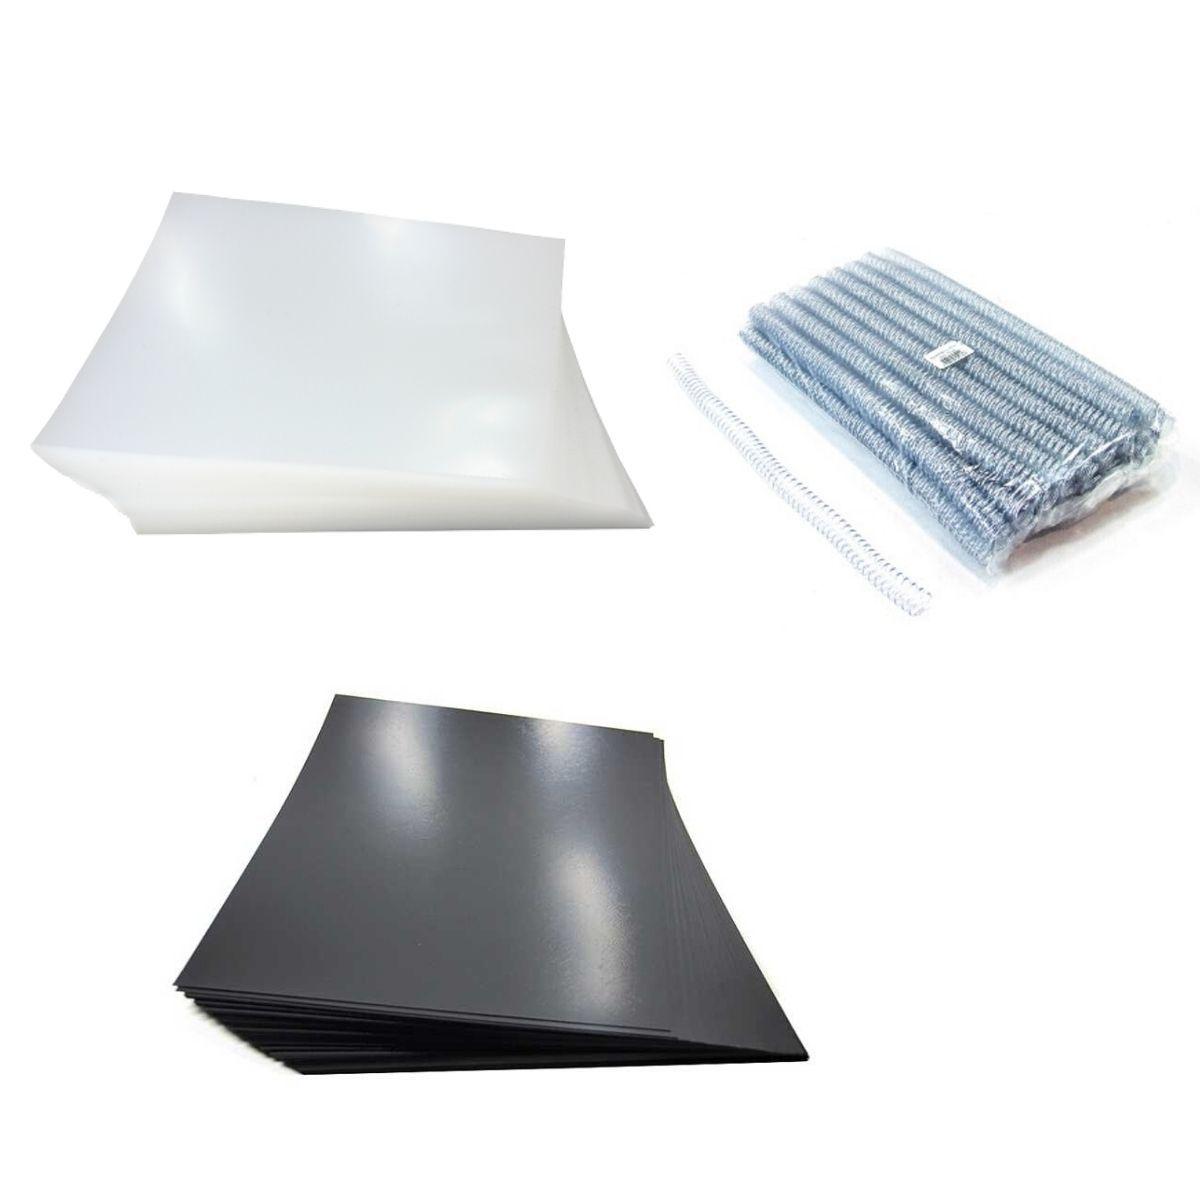 Kit 200 Capas e 100 Espirais Transparentes (Cristal) para Encadernação 17mm até 100 Folhas  - Click Suprimentos